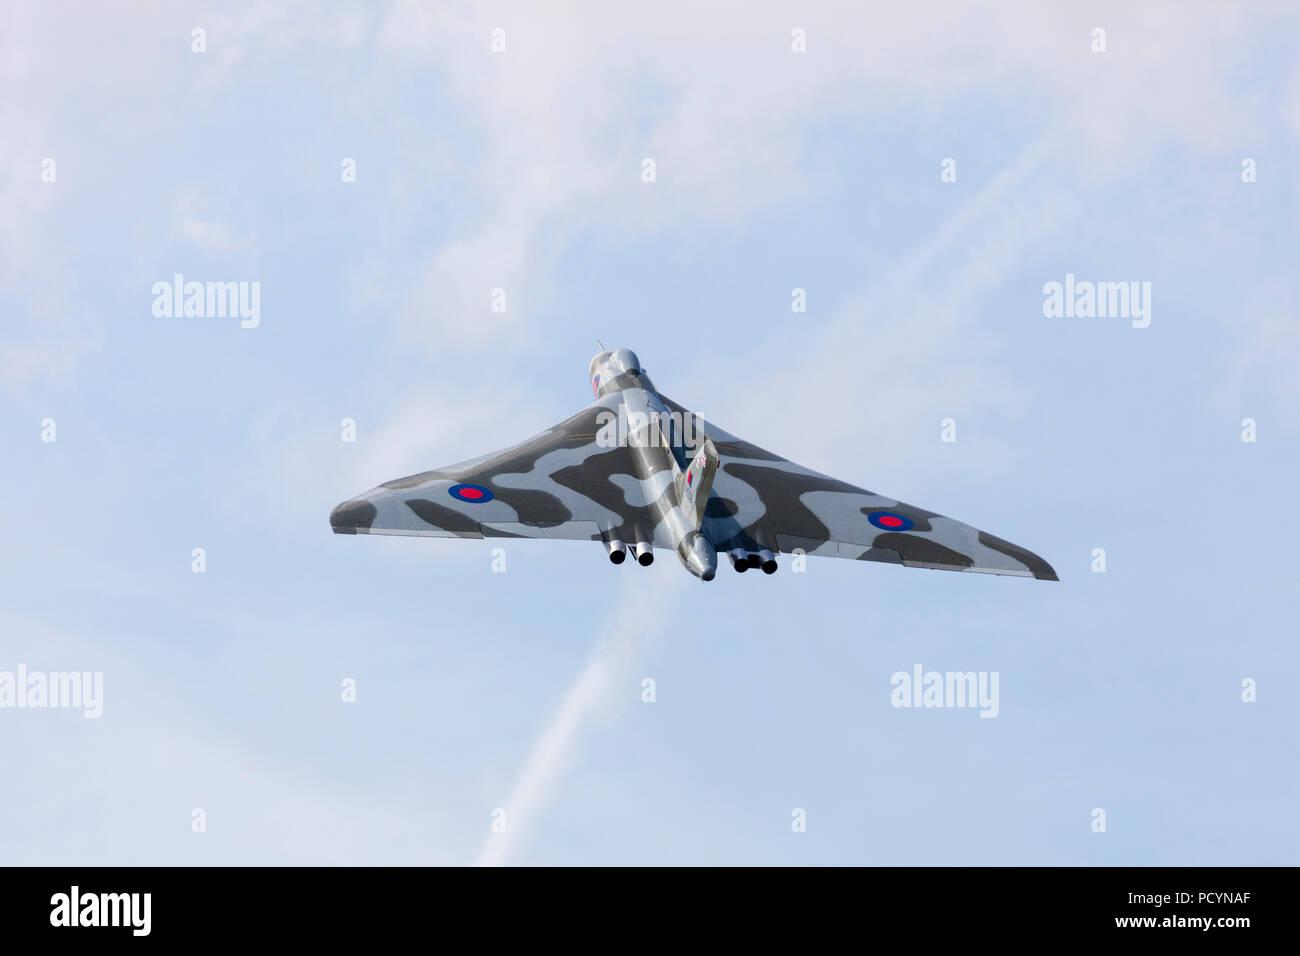 El bombardero Vulcan XH558 Guerra Fría del ala delta jet en pleno vuelo durante su último año de vuelo en Aeródromo Headcorn Imagen De Stock